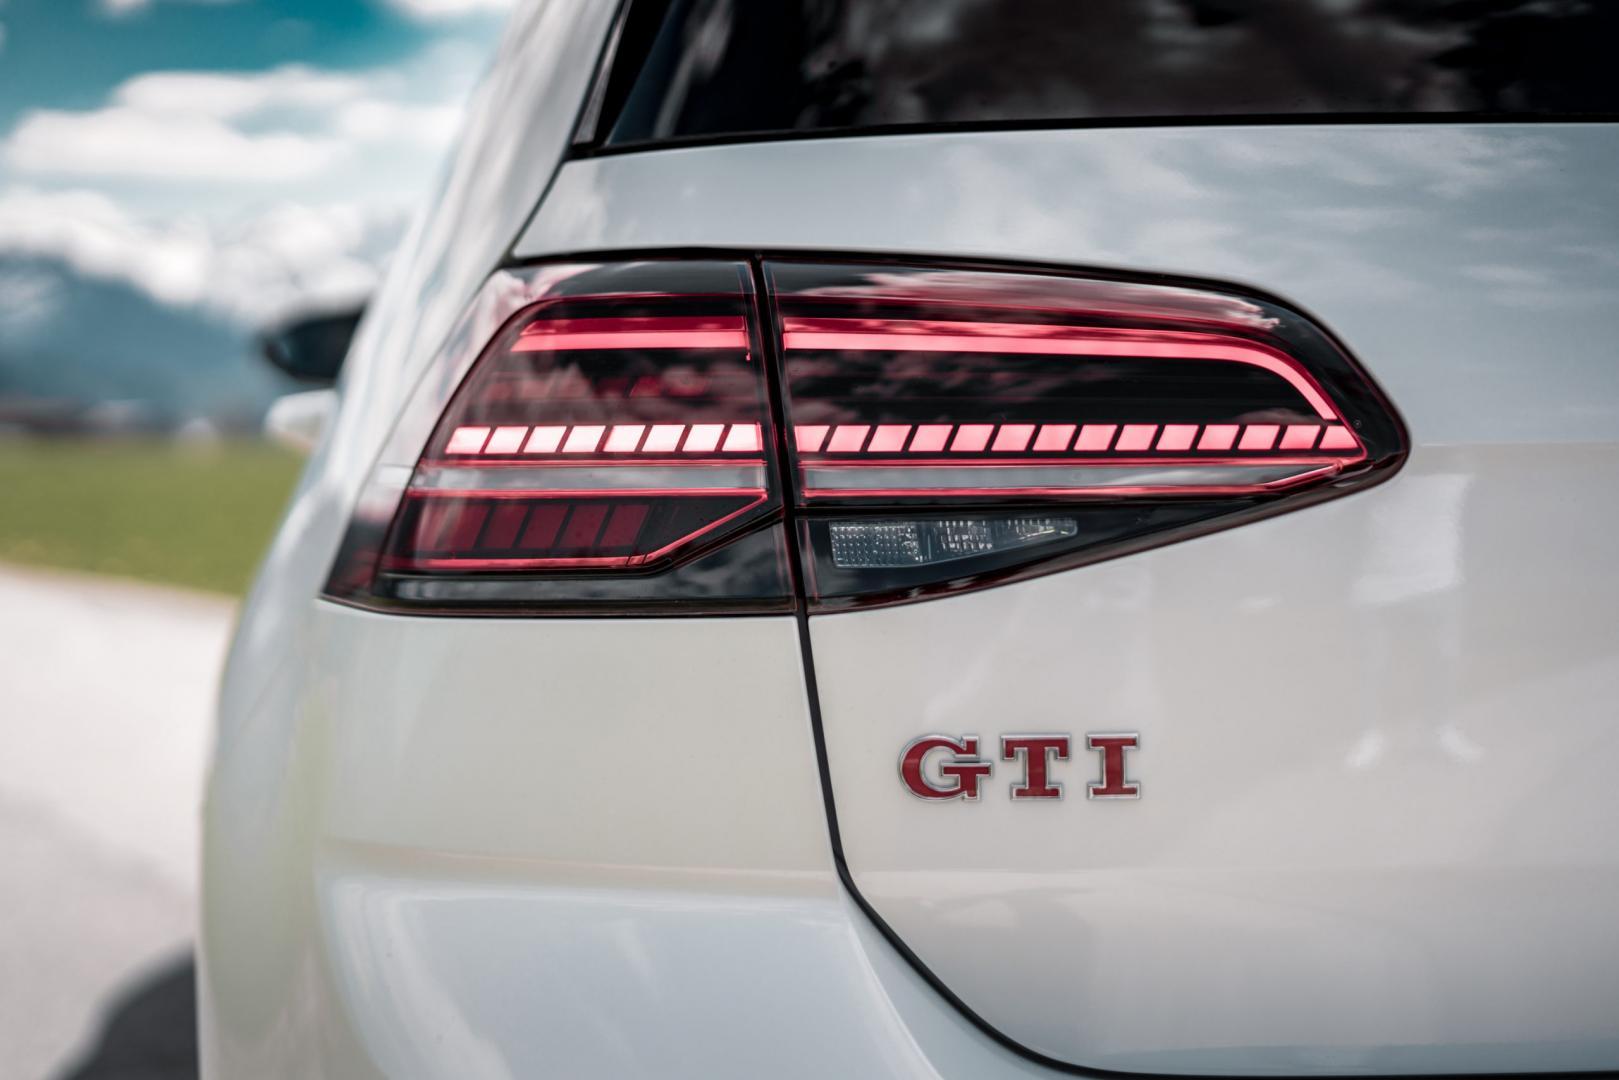 Abt Volkswagen Golf GTI TCR achterlicht logo badge